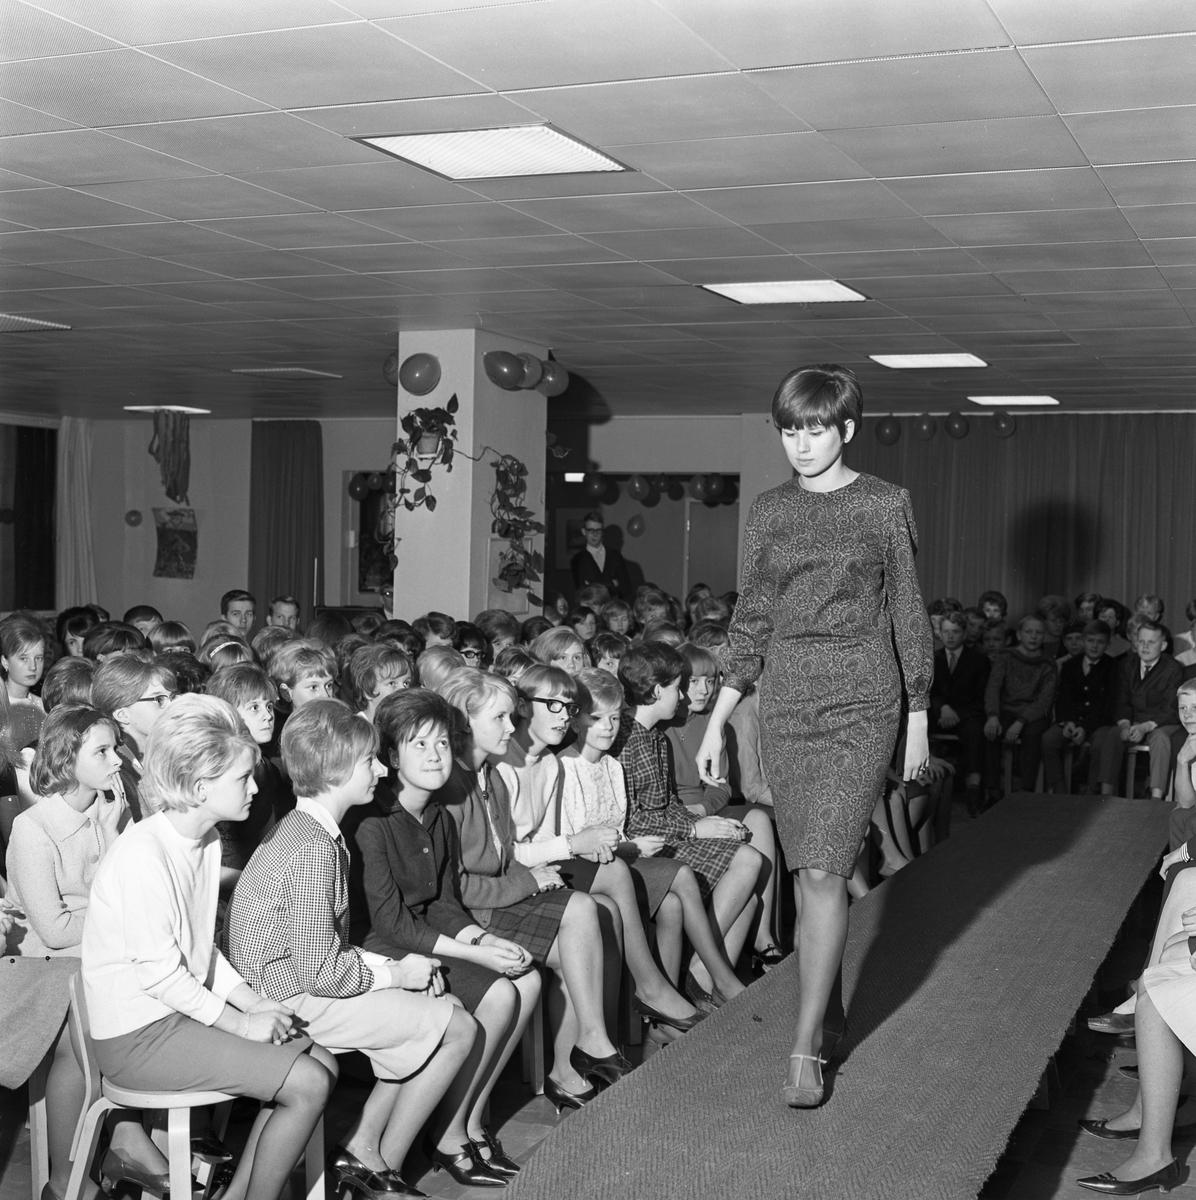 Elevernas modevisning i Stureskolan. Mannekängen visar en mönstrad klänning. Flickorna närmast catwalken är Inger Myrulf, Åsa Sundelin (rutig klänning) och Britt Antonsson Lokalen är dekorerad med ballonger